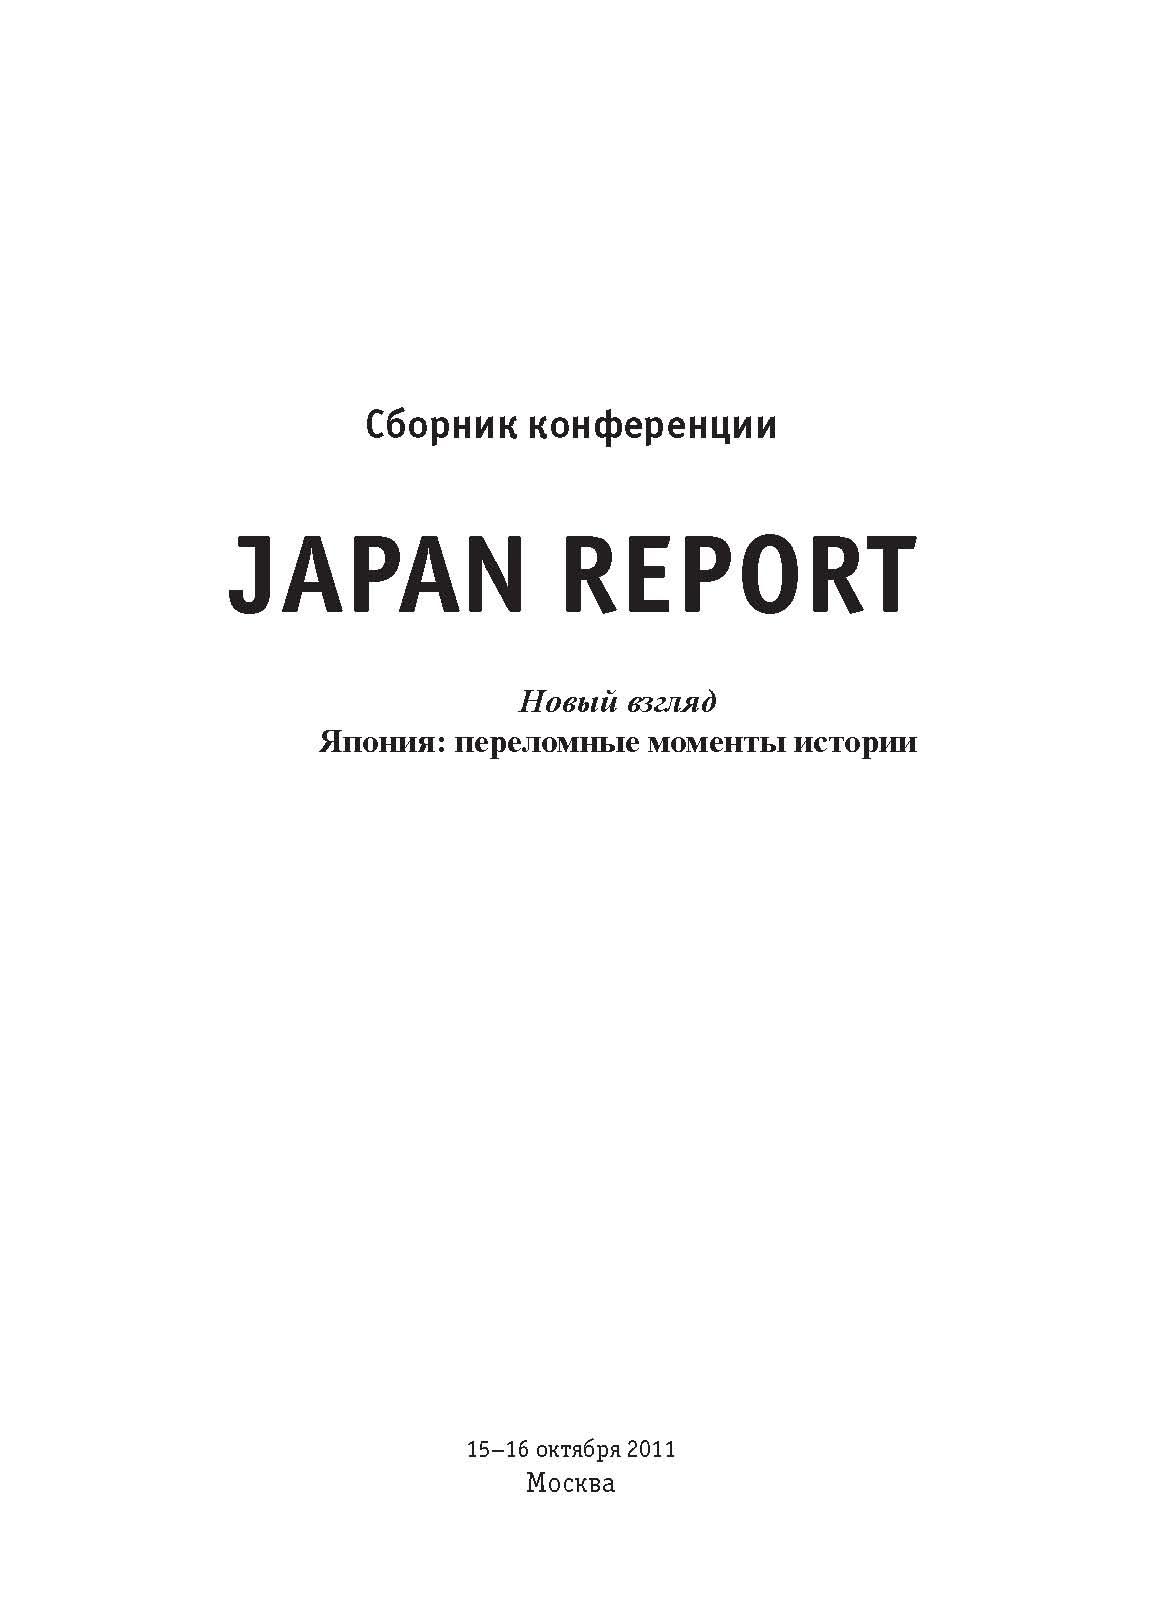 Траектории послевоенного развития и особенности экономического взаимодействия Японии и ФРГ (1945 – 2012 гг.)